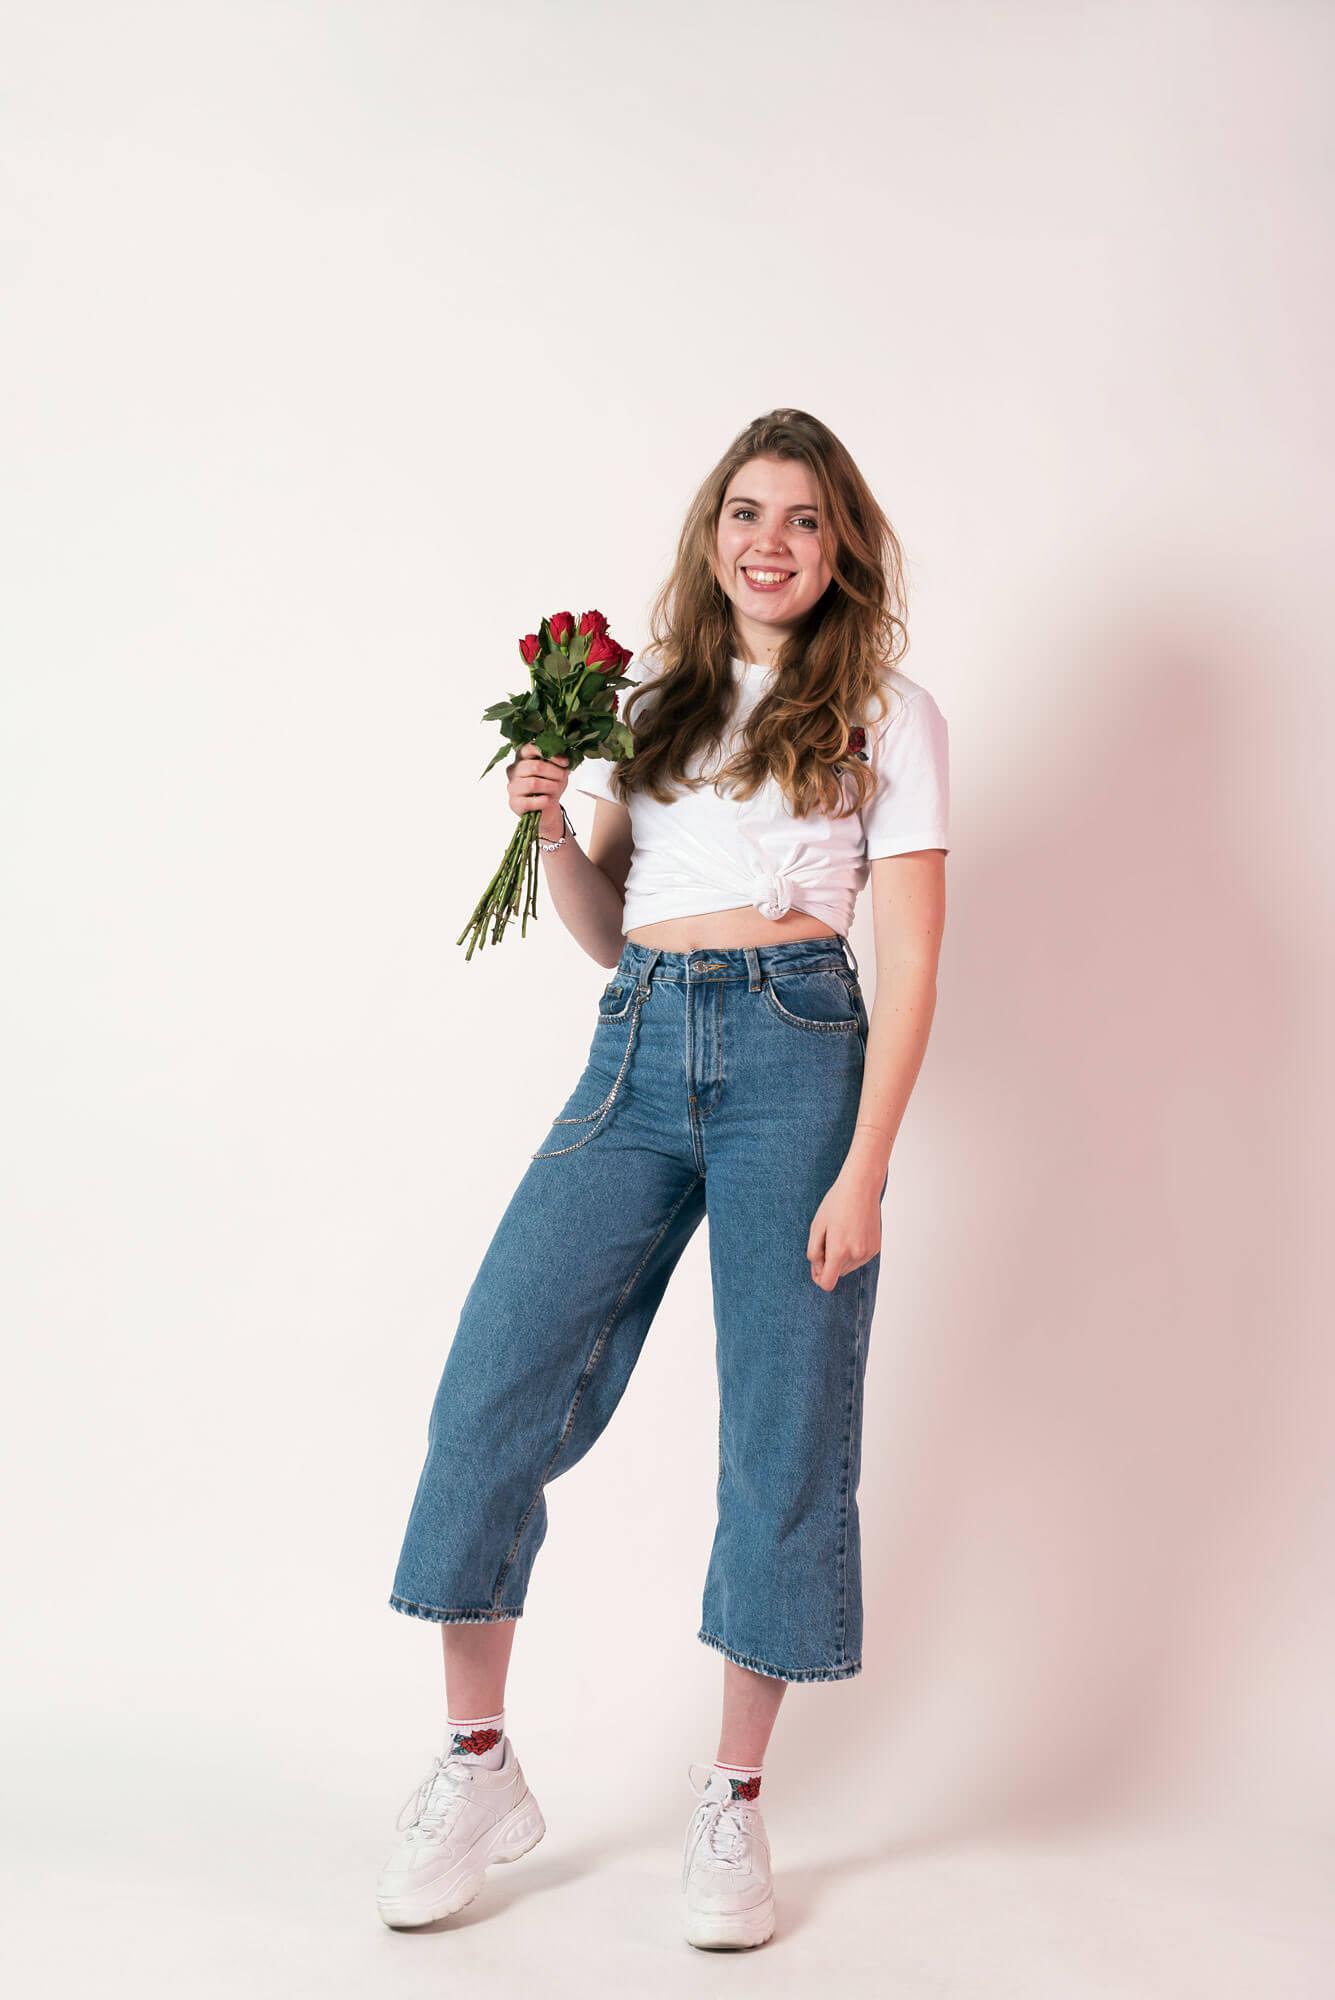 Rosan met haar favoriete bloem, de roos voor meaning of meaning